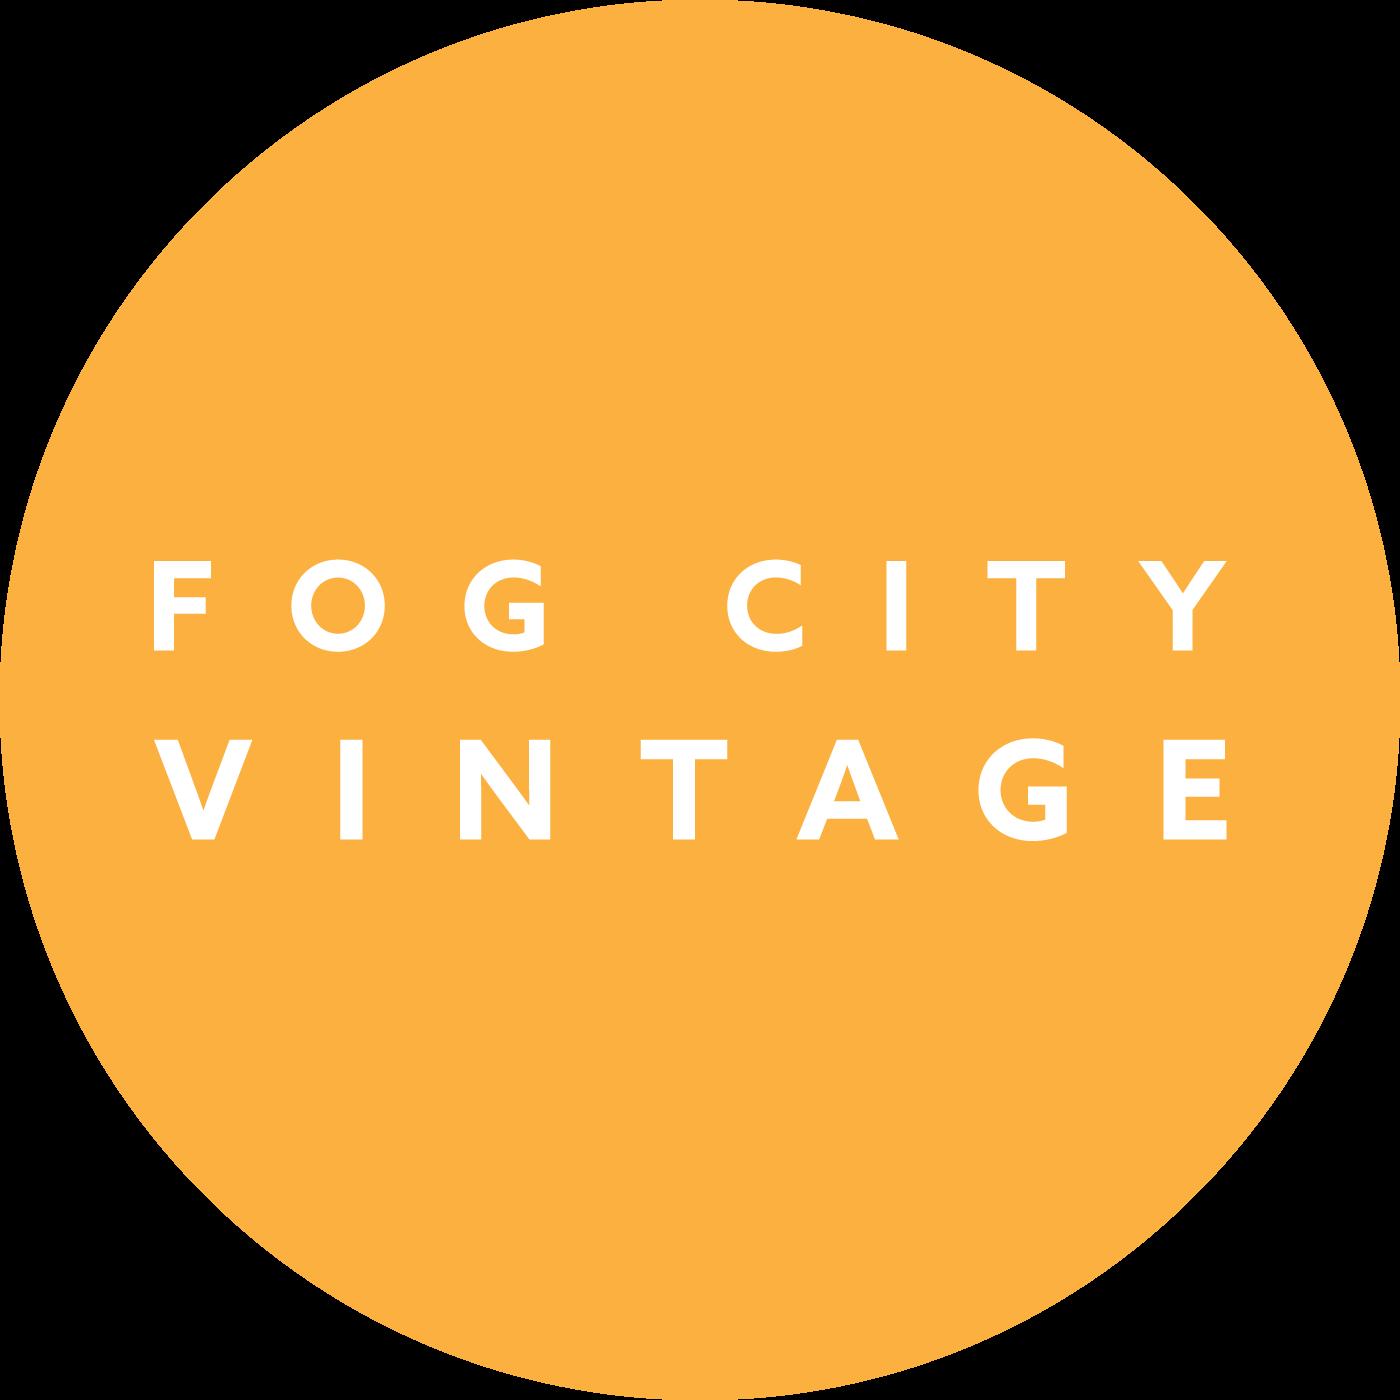 Fog City Vintage